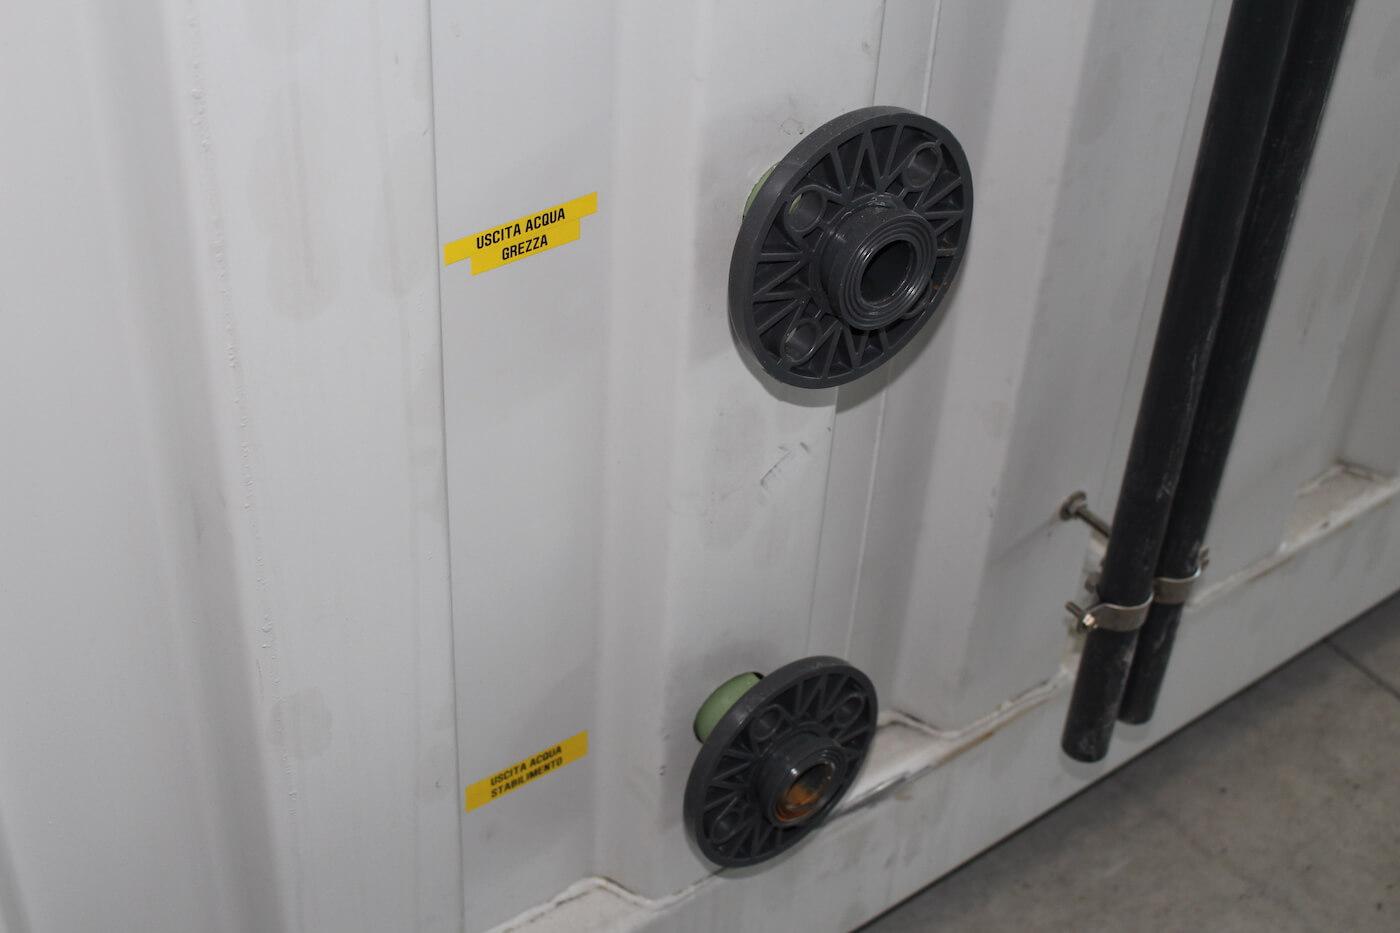 cz trattamento acque - impianti depurazione acqua filtrazione addolcimento osmosi inversa impianti container 13